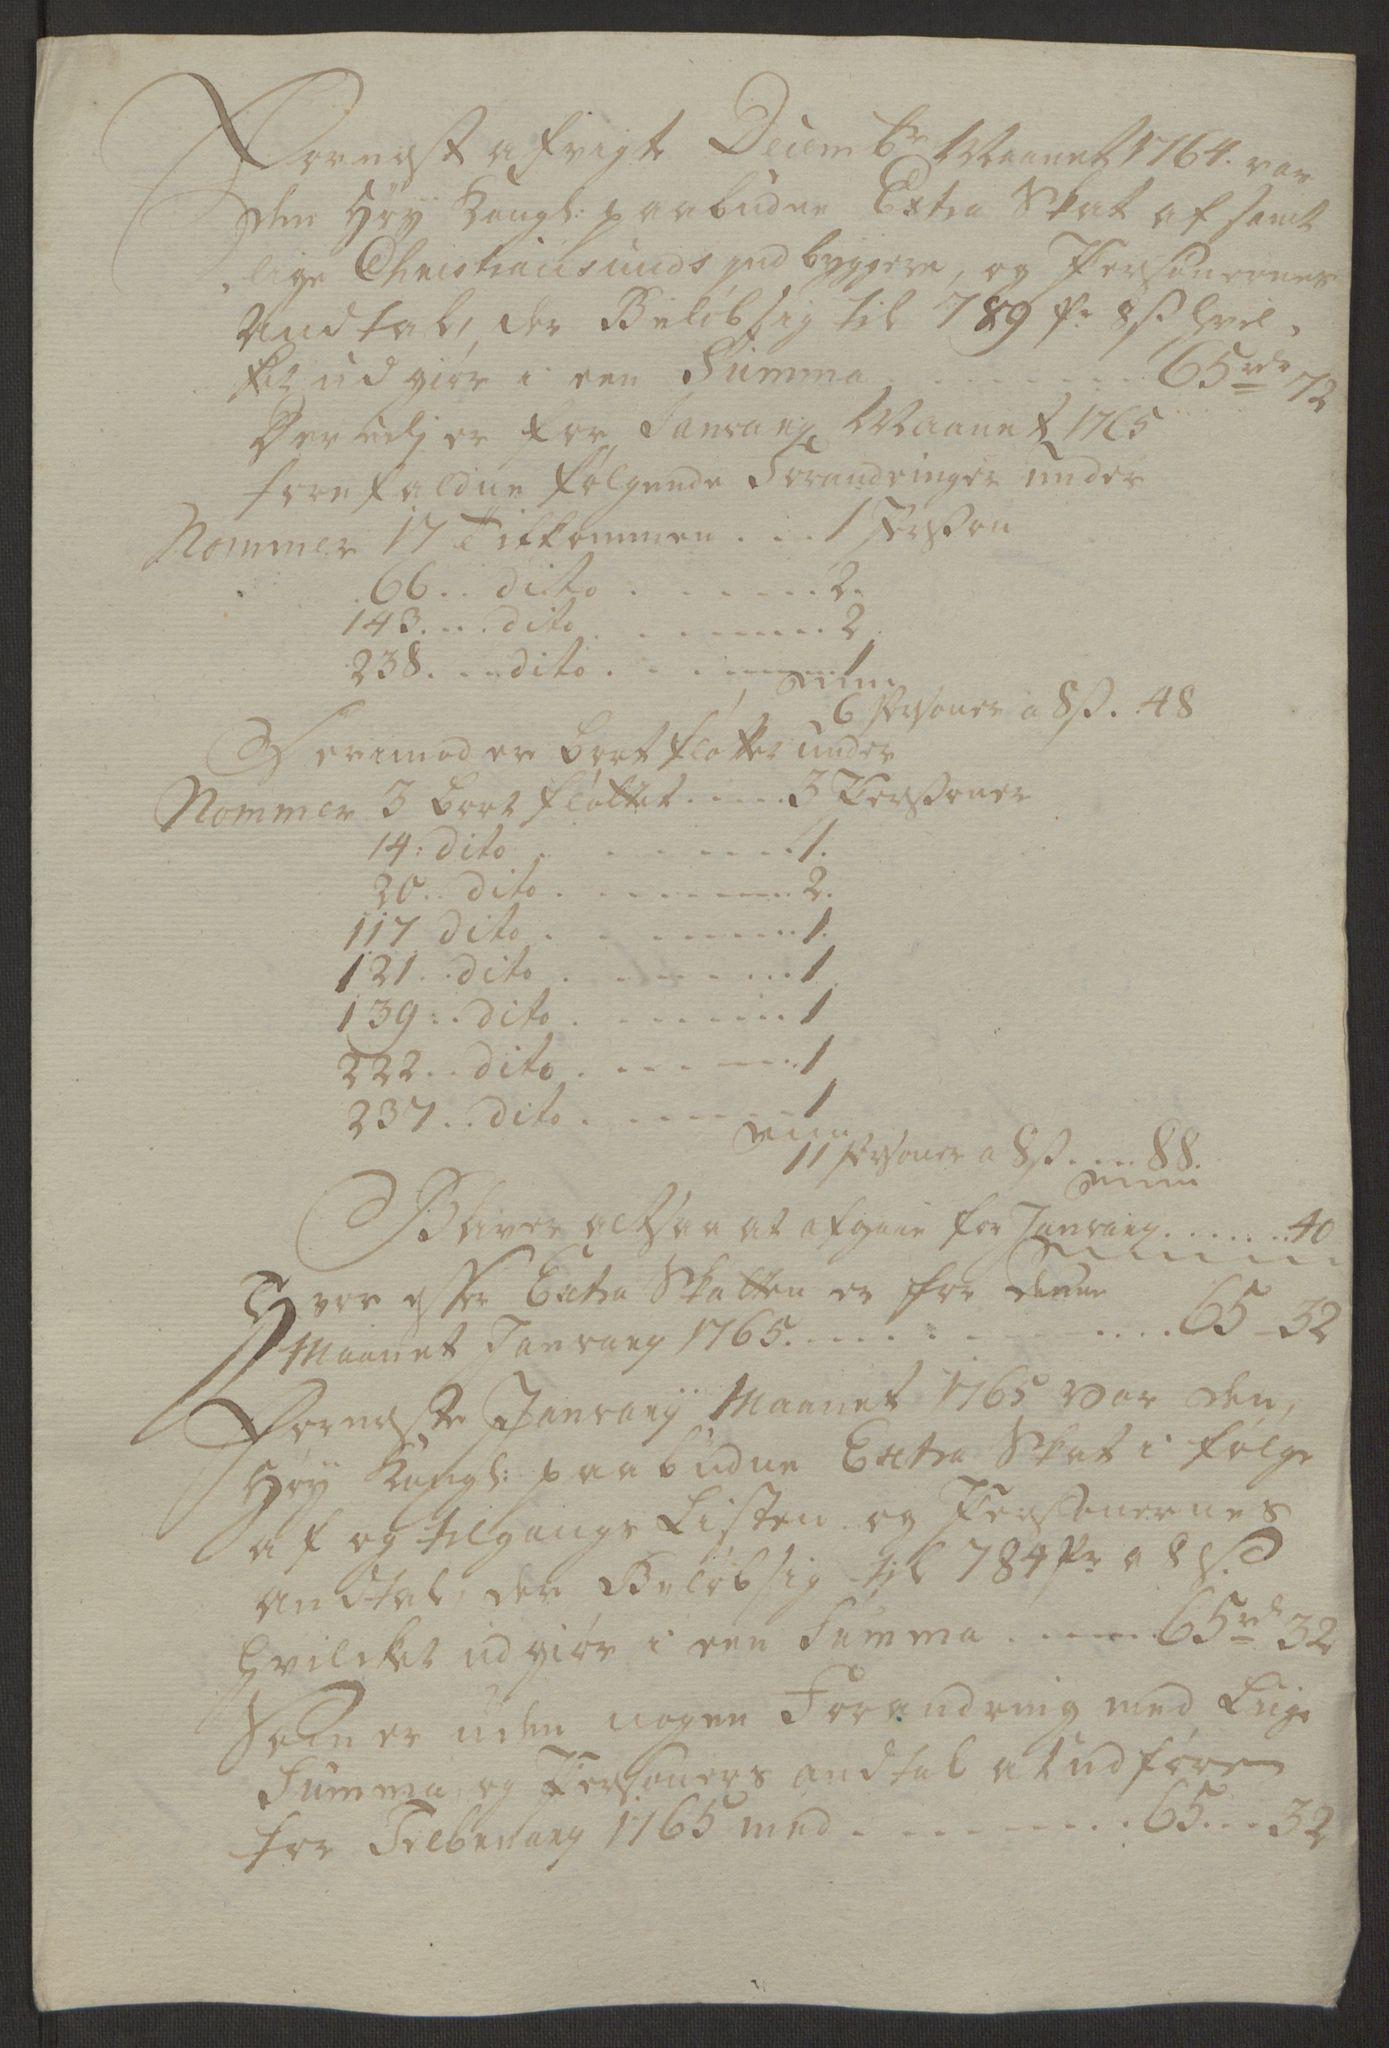 RA, Rentekammeret inntil 1814, Reviderte regnskaper, Byregnskaper, R/Rr/L0495: [R1] Kontribusjonsregnskap, 1762-1772, s. 62